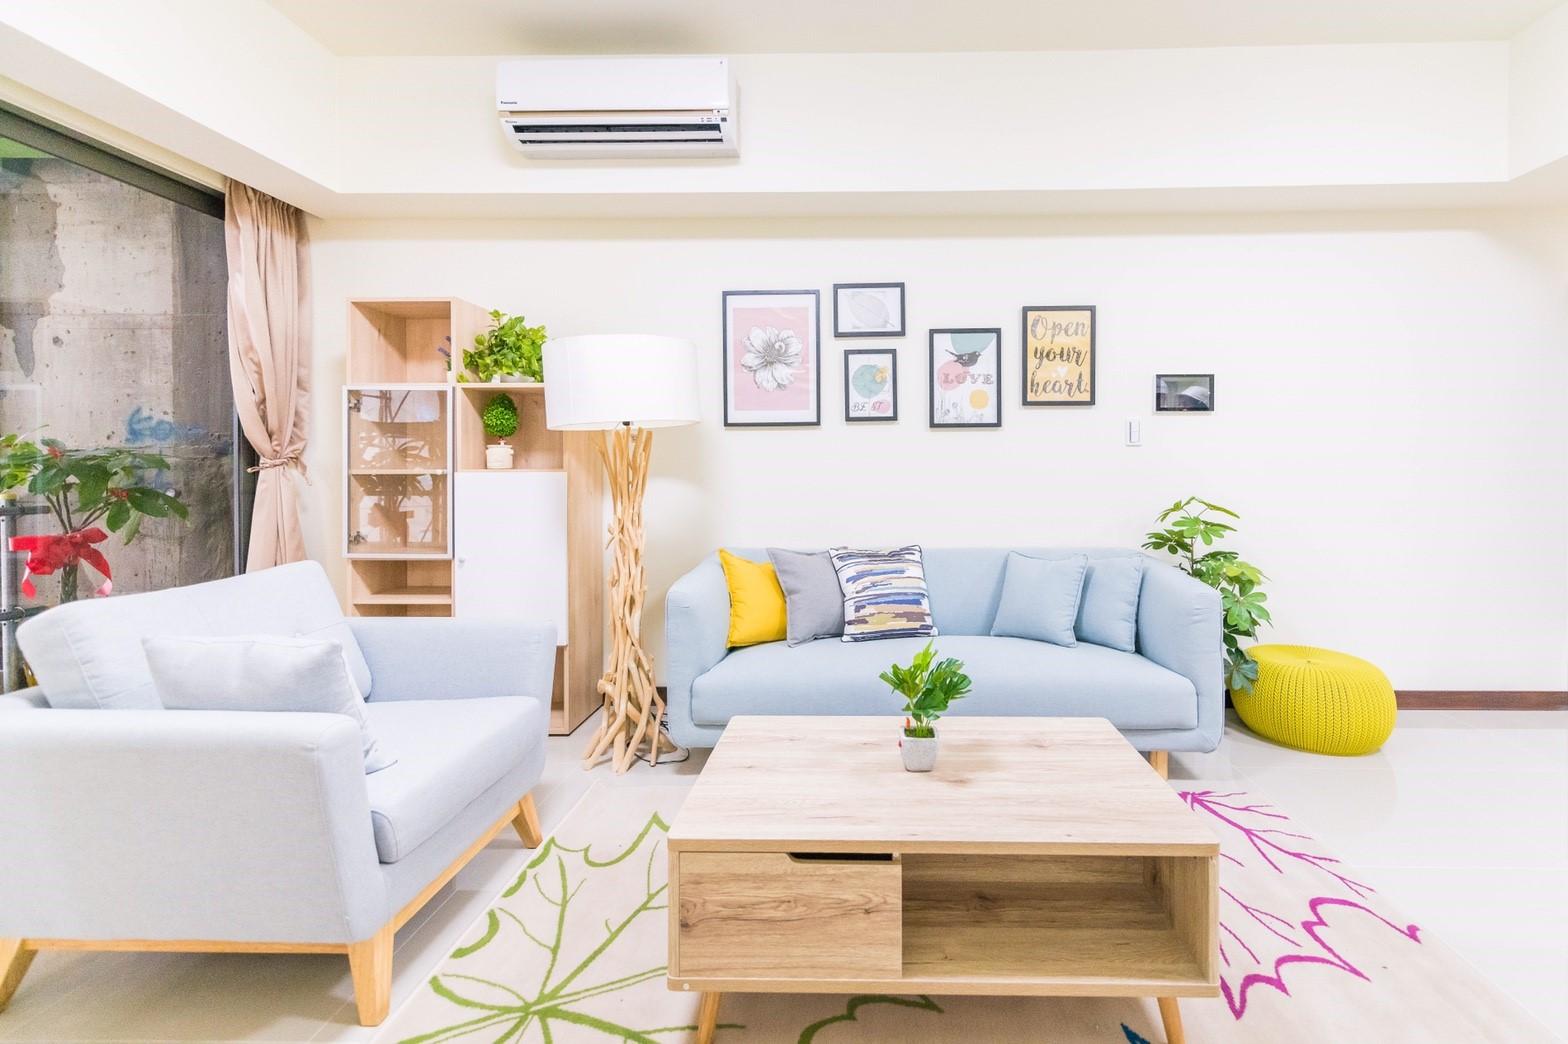 中路二號社會住宅客廳空間及家具擺設